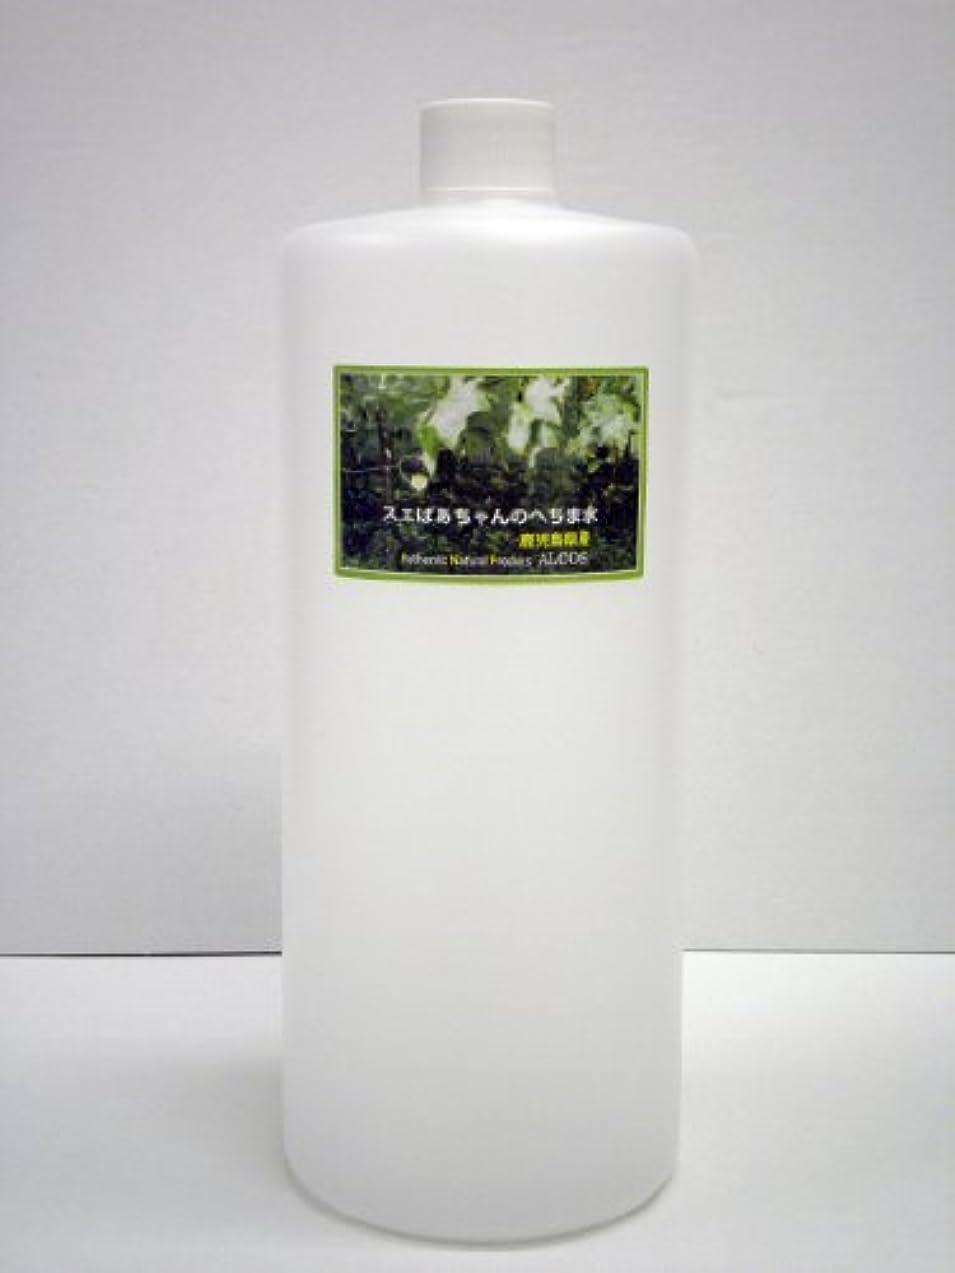 更新ヨーロッパアンデス山脈スエばあちゃんのへちま水(容量1000ml)鹿児島県産・有機栽培(無農薬) ※完全無添加オーガニックヘチマ水100% ※商品のラベルはスエばあちゃんのへちま畑の写真です。ALCOS(アルコス) 天然へちま水 [1000]